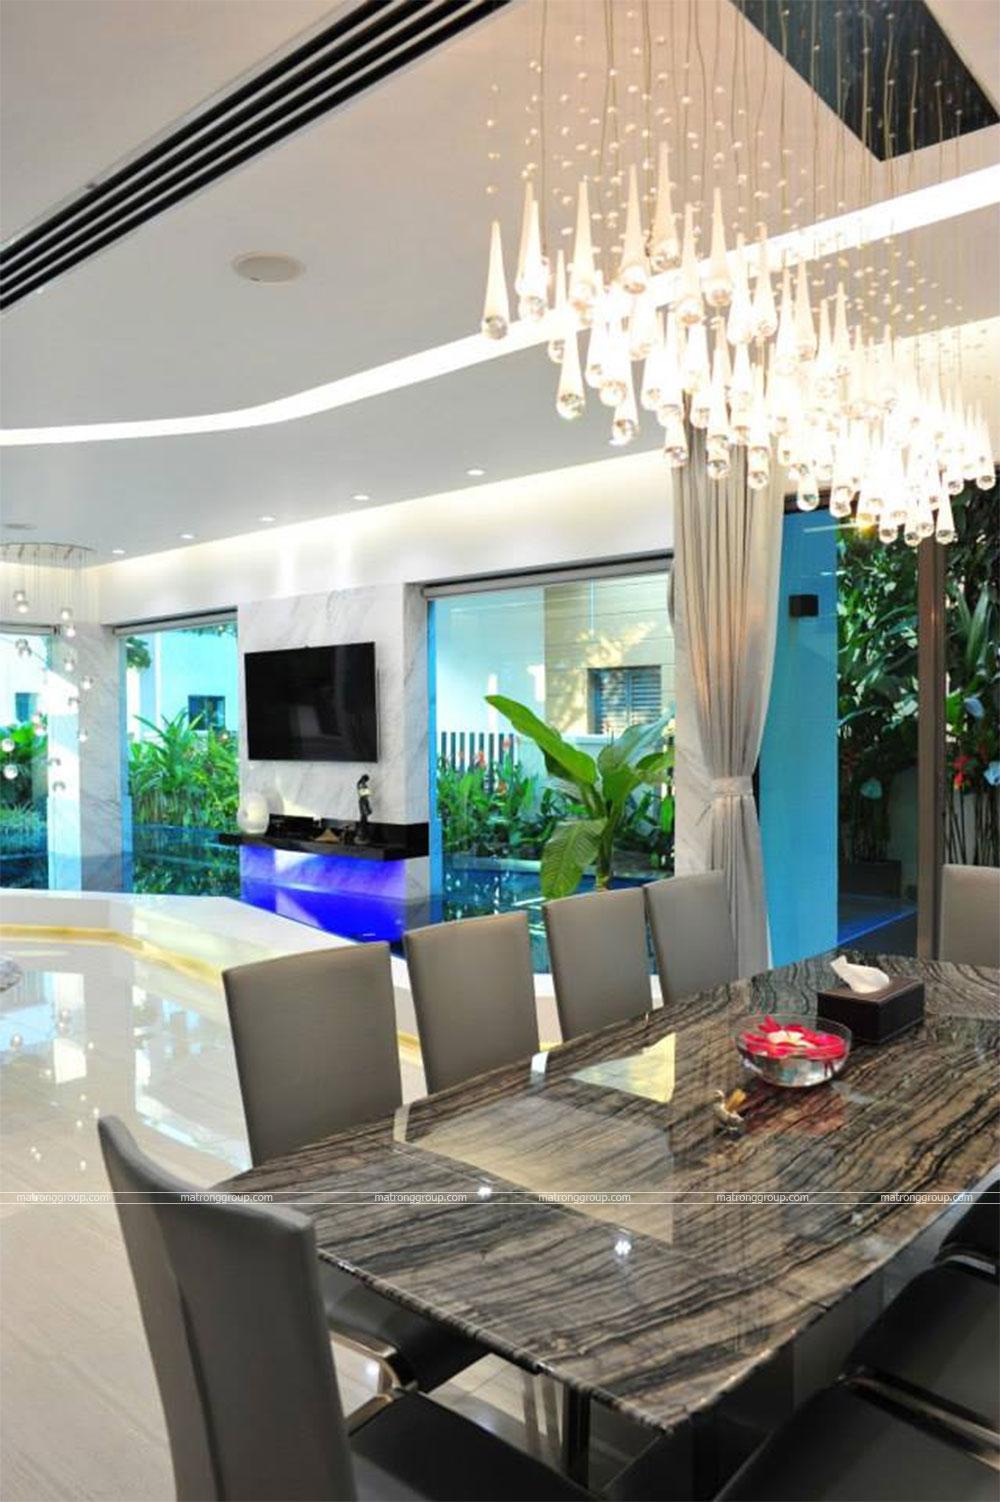 thiết kế thi công nhà phố hiện đại Trường Chinh, Q.12-HCM 9